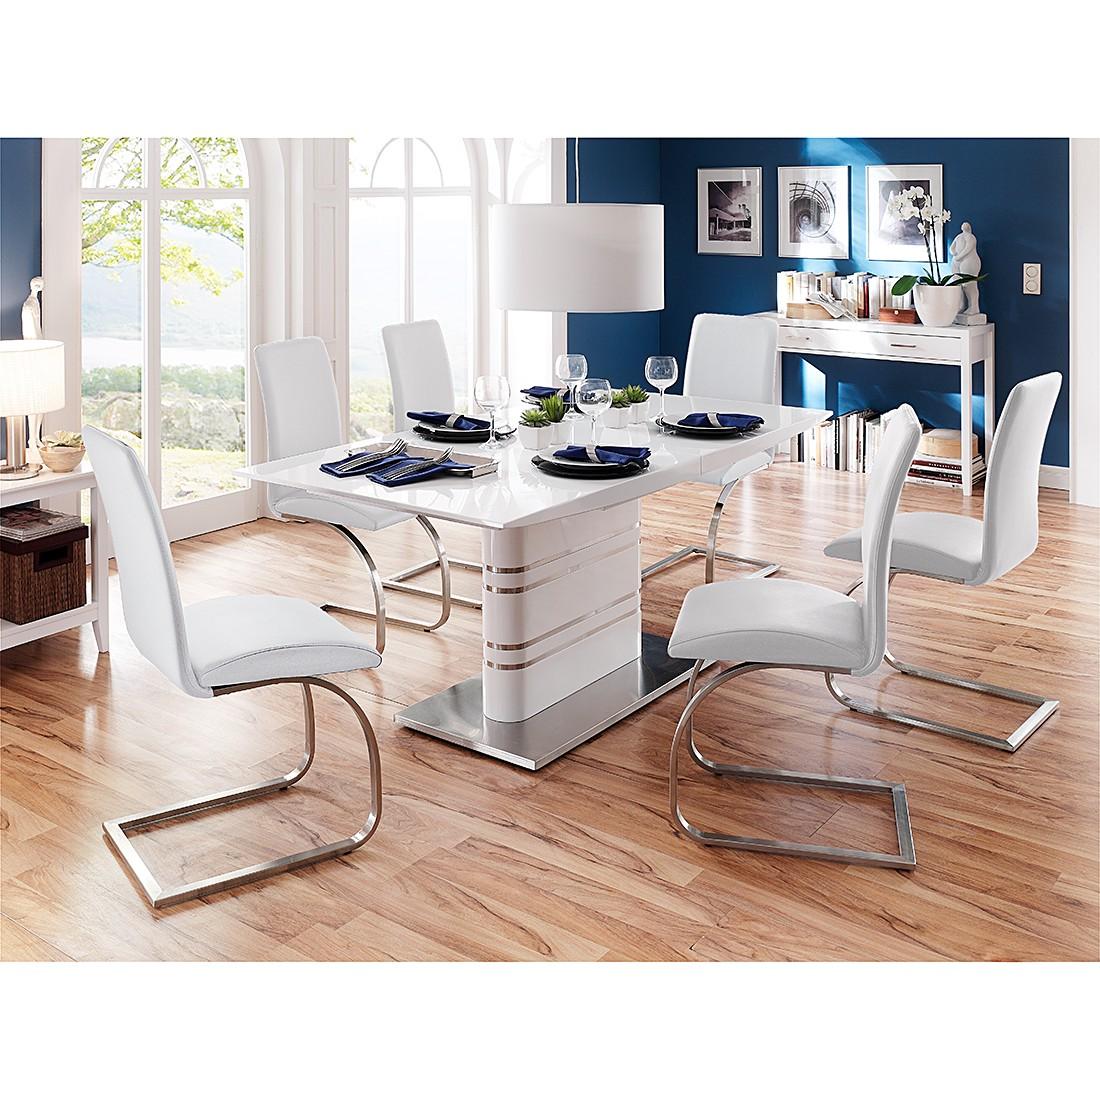 Ensemble de salle à manger Modus - Avec table à manger et 6 chaises cantilever, Fredriks